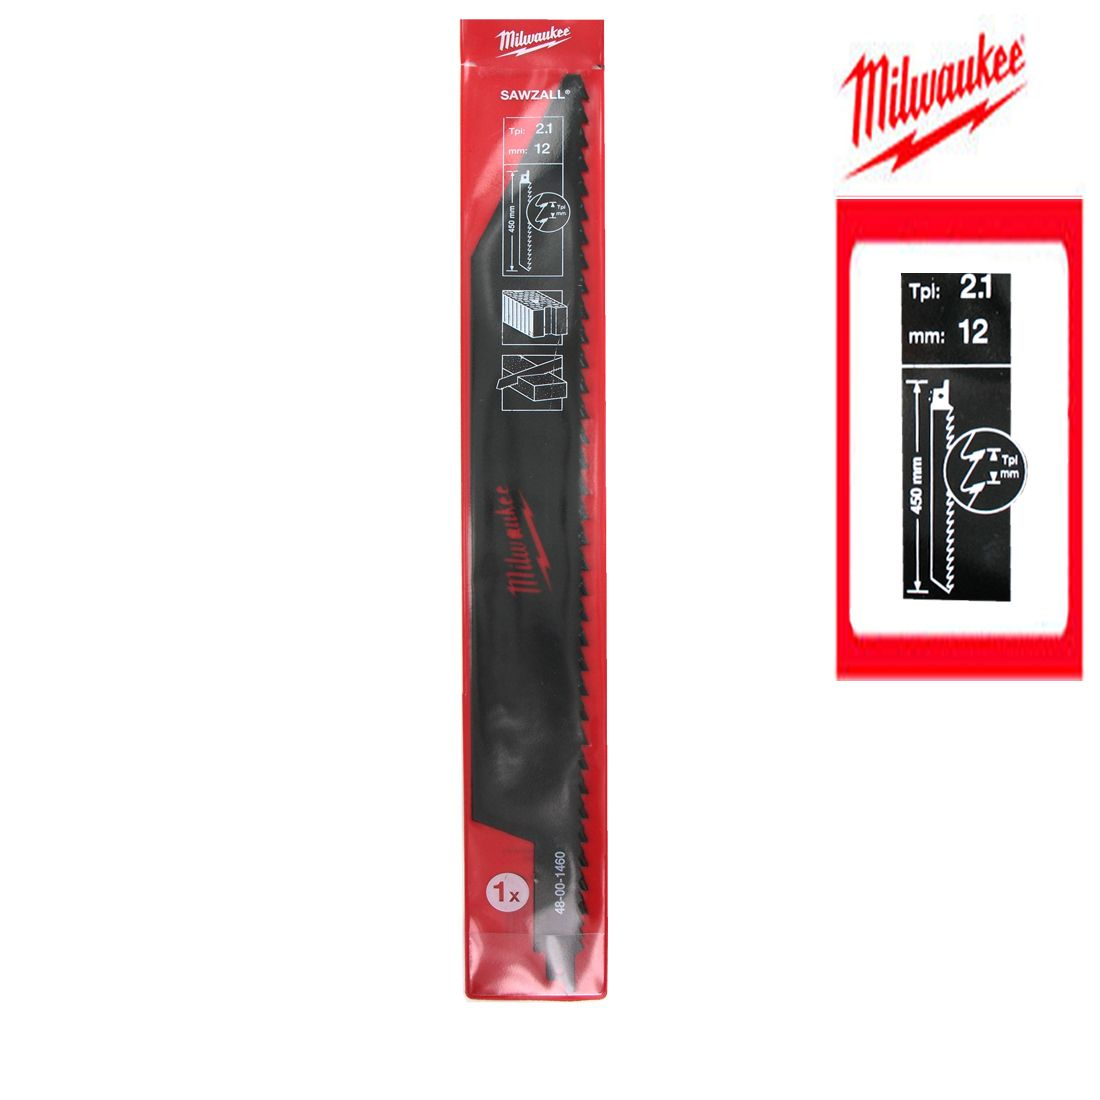 Milwaukee cforet rx4 10x160mm 4932352026 catgorie meuleuse - Lame scie sabre brique ...